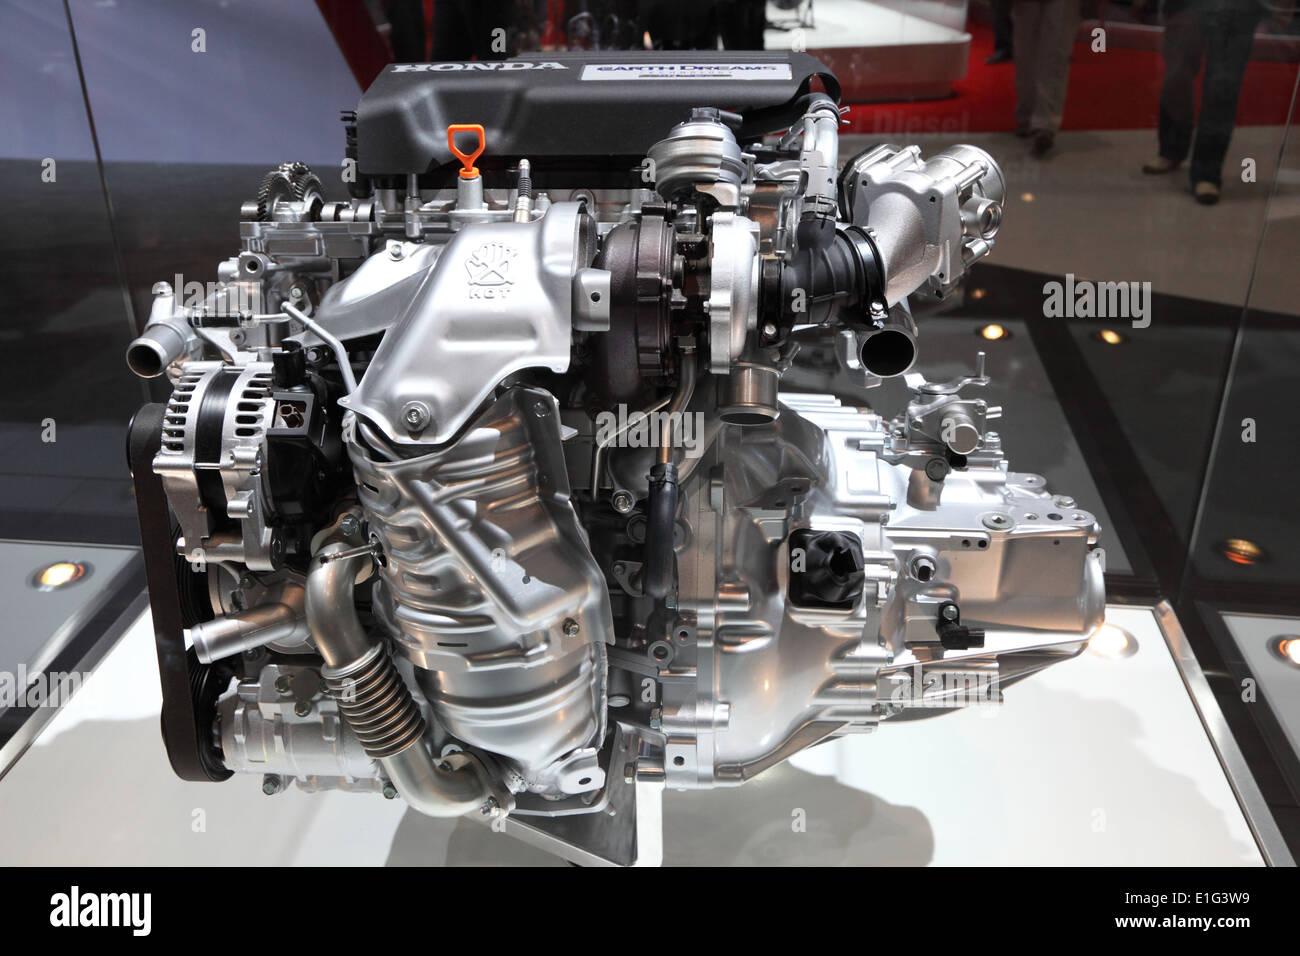 Honda Engine Stock Photos & Honda Engine Stock Images - Alamy